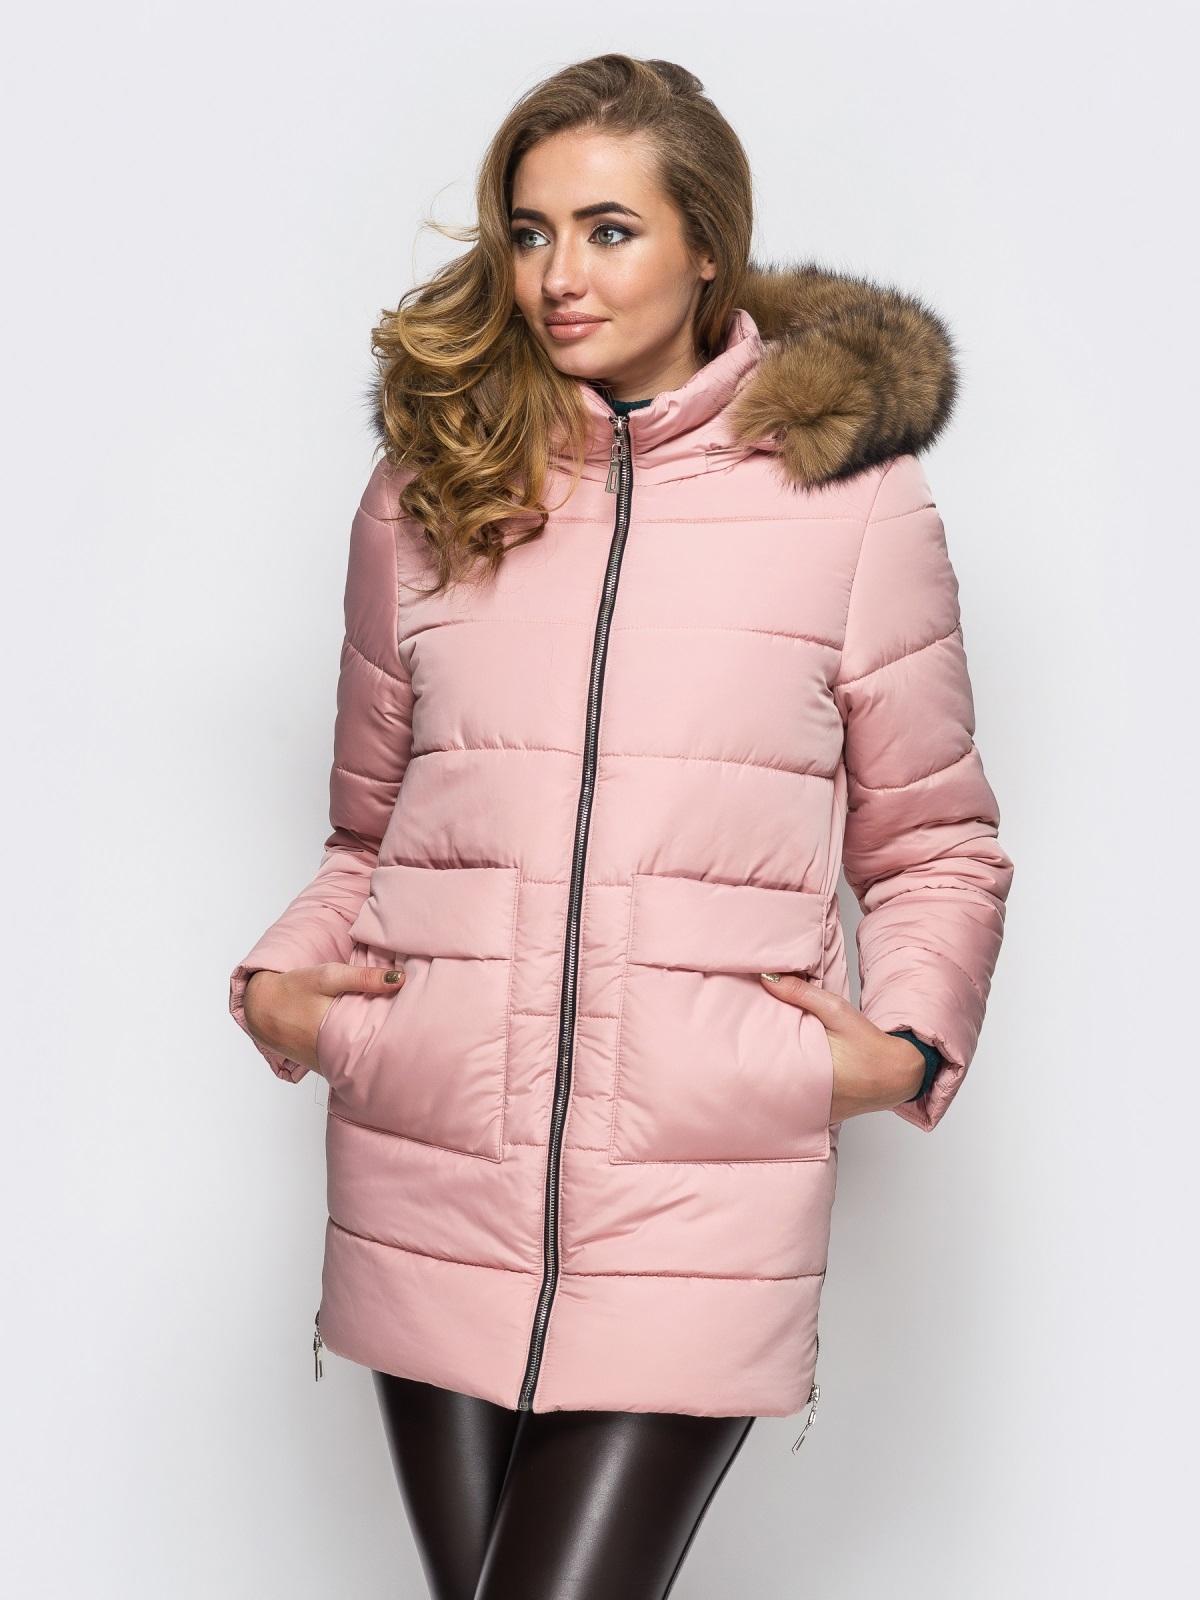 Зимняя куртка розового цвета с функциональными молниями по бокам 15248, фото 1